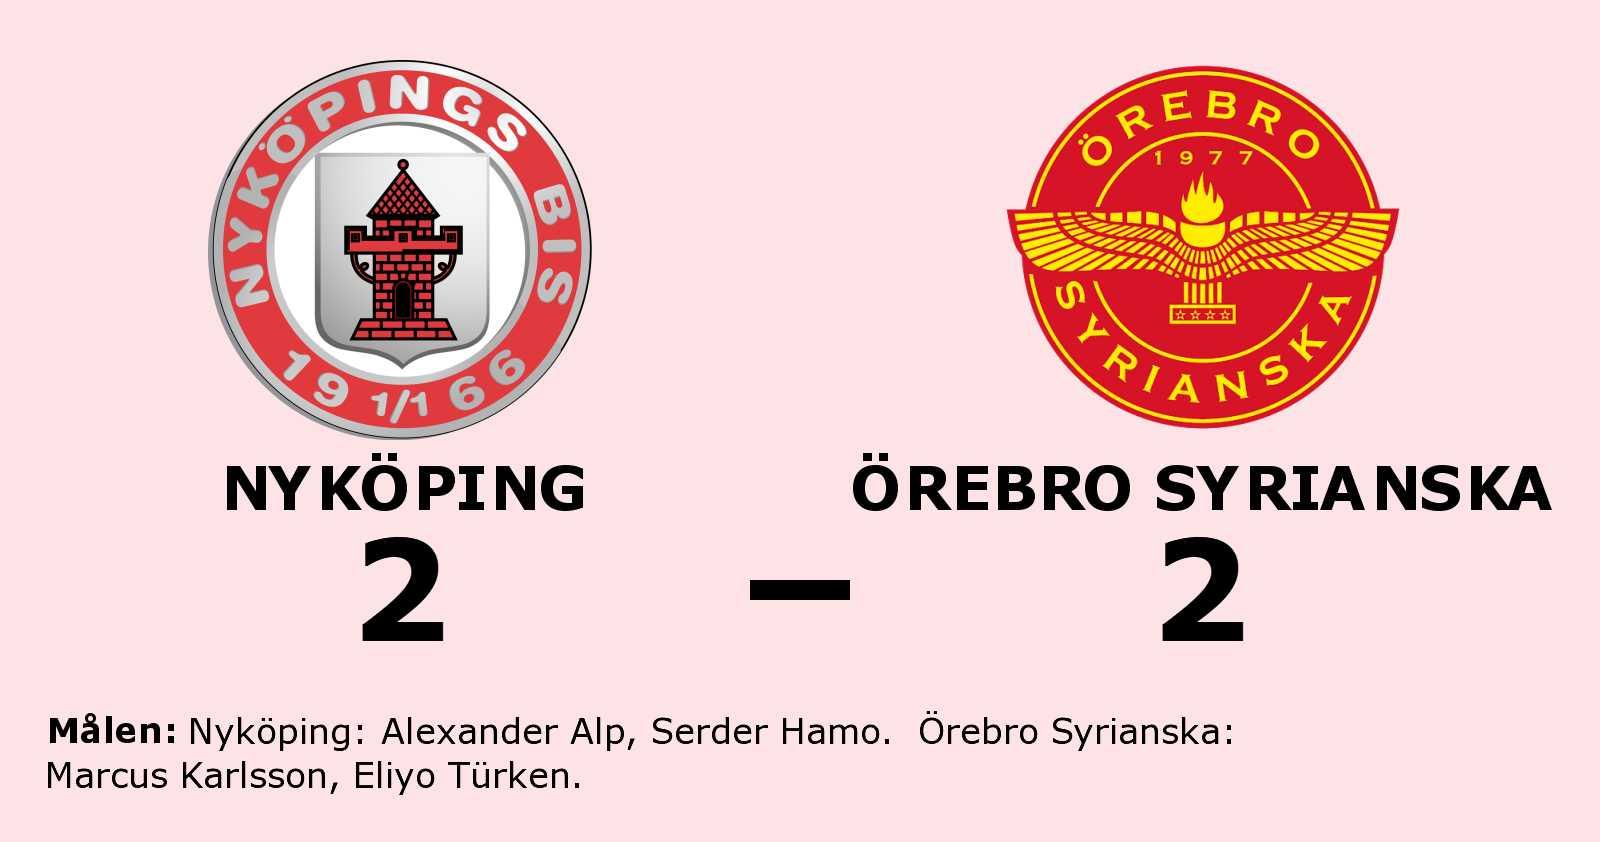 Nyköping fixade en poäng mot Örebro Syrianska